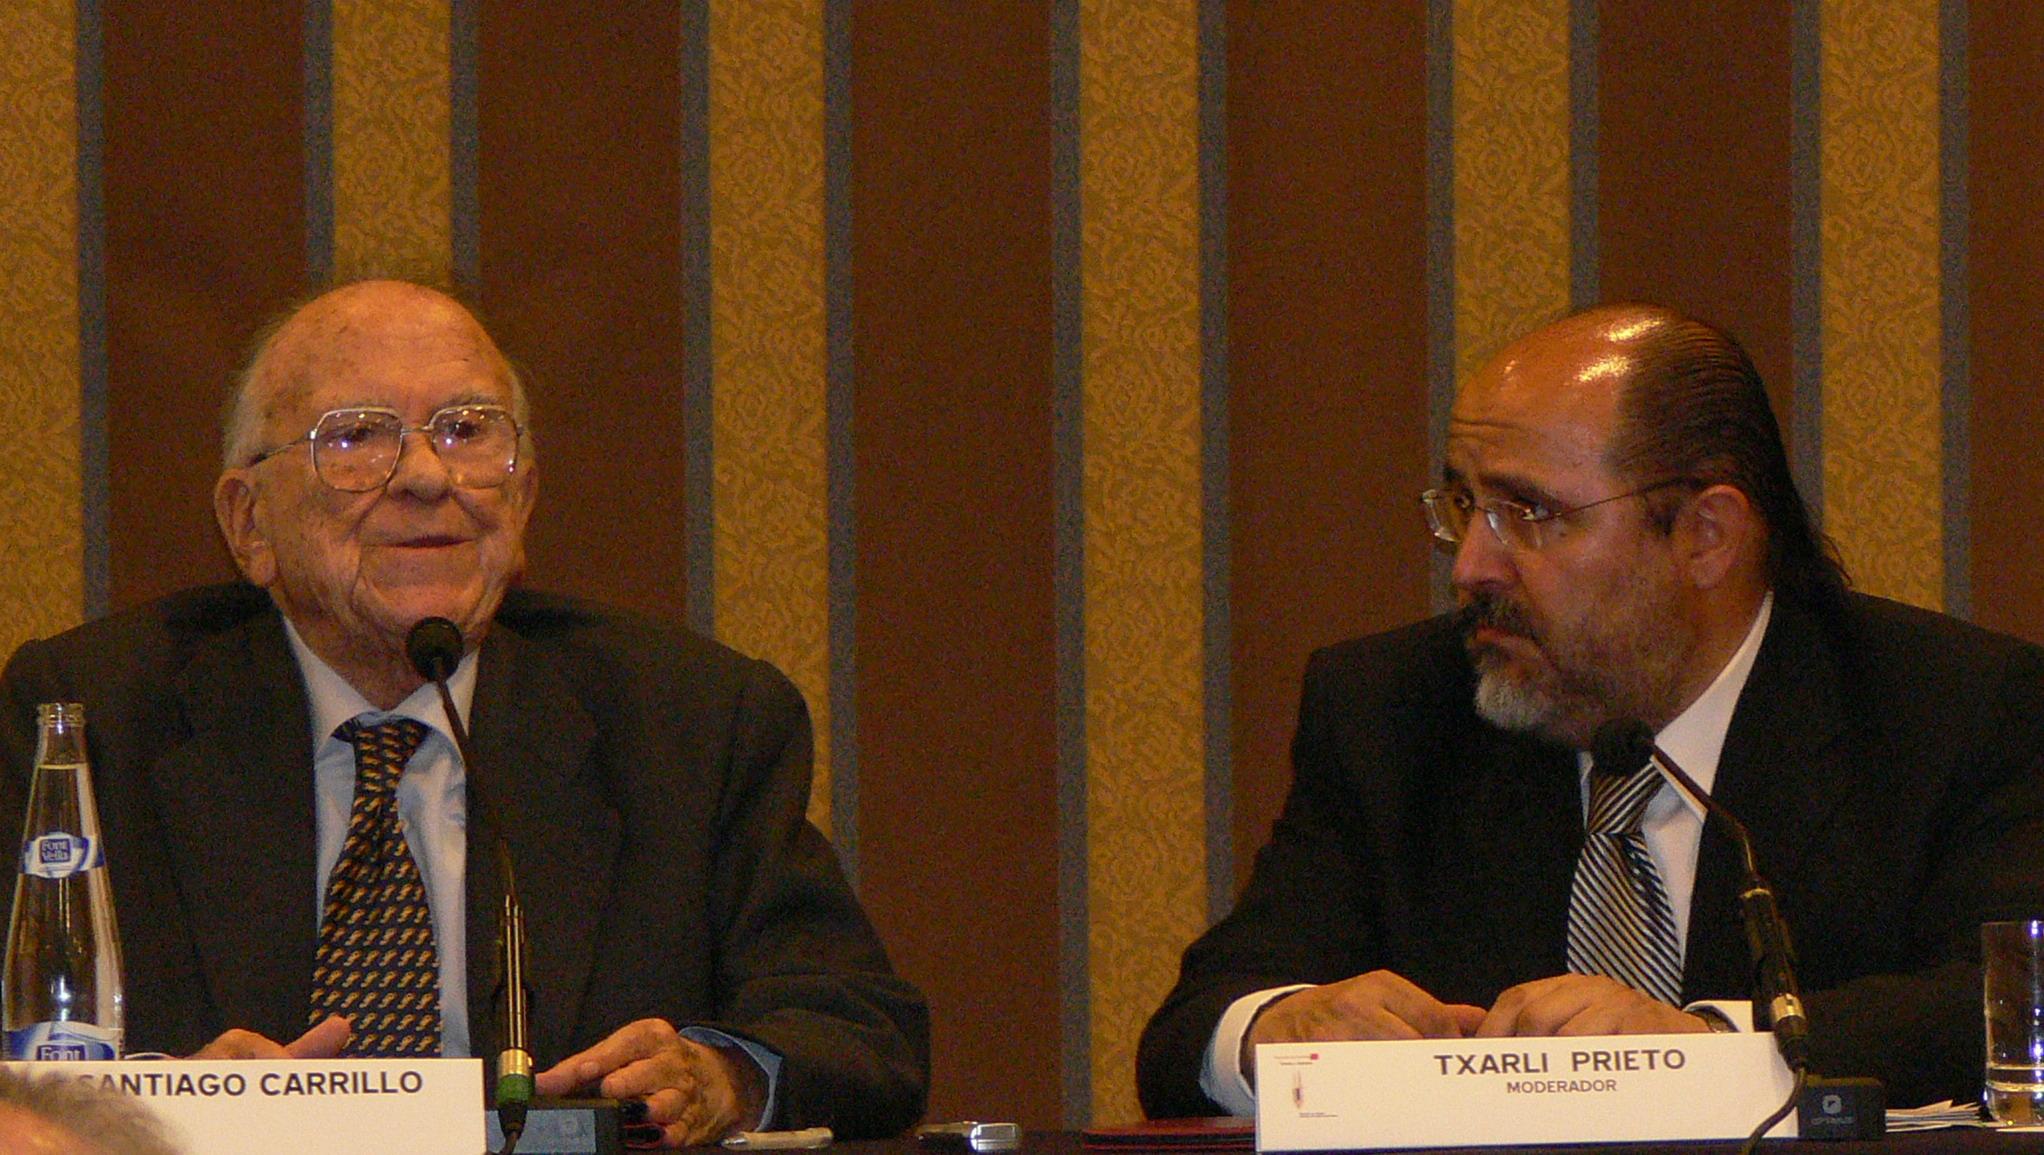 Santiago Carrillo en Vitoria, allá por 2006.